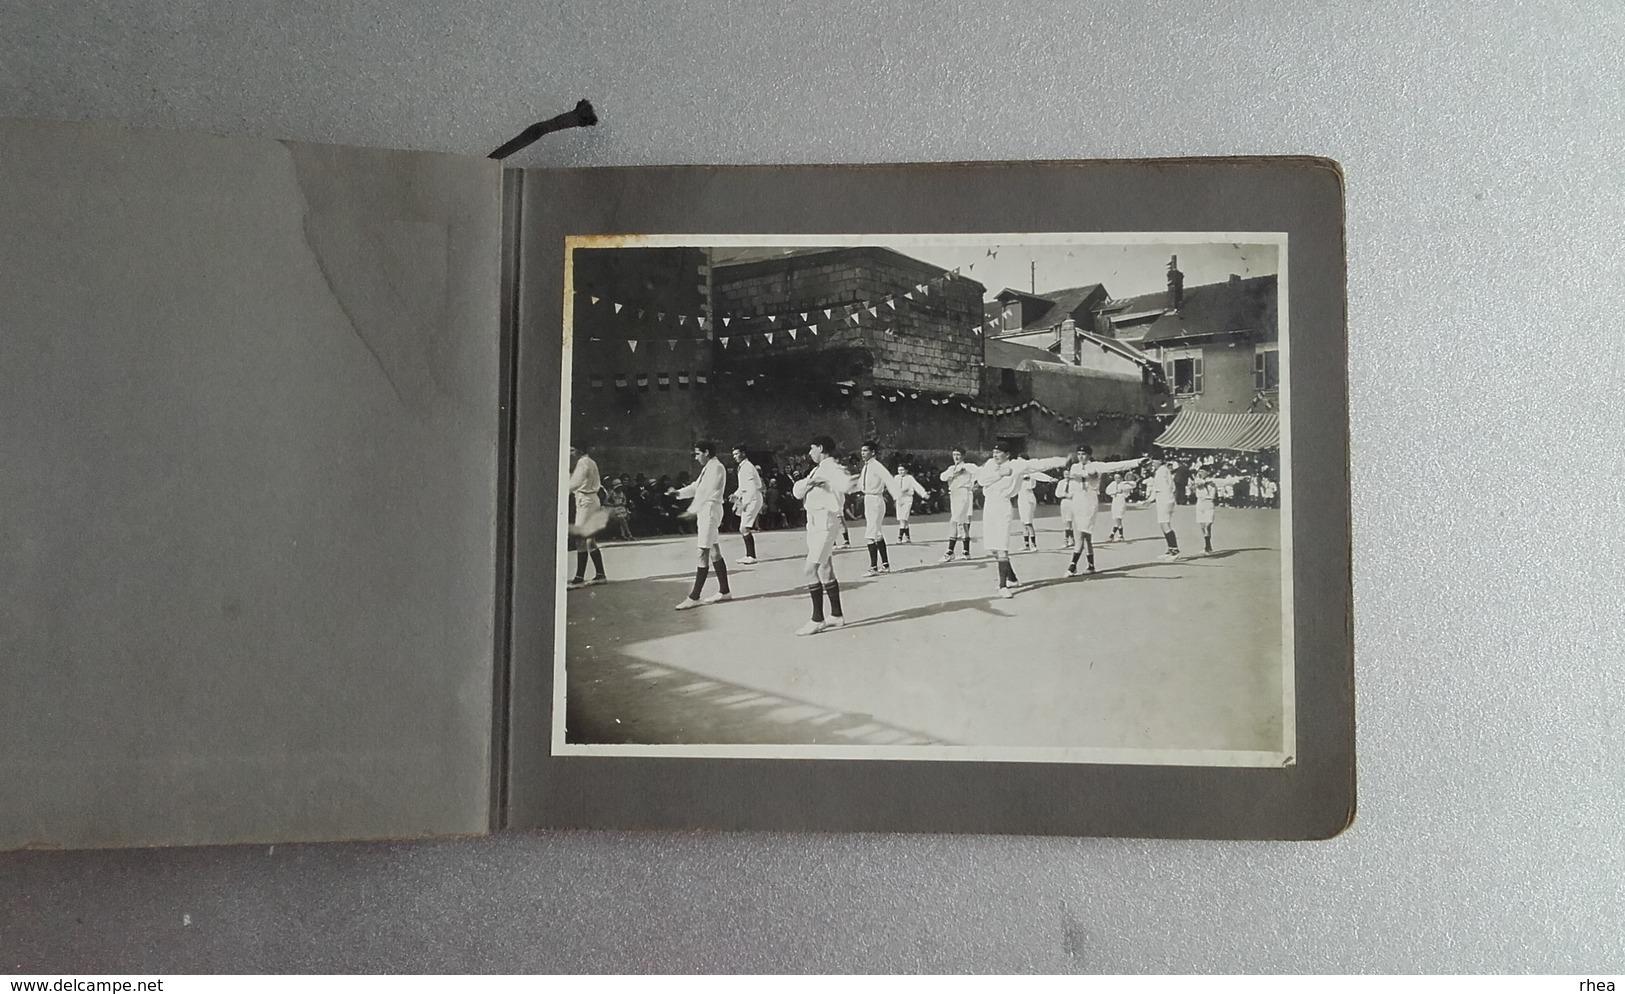 44 - NANTES - Très Bel Album Photos - Ecole Sainte-Croix Rue Des Olivettes - Fetes Des Jeux 1931 - Lieux